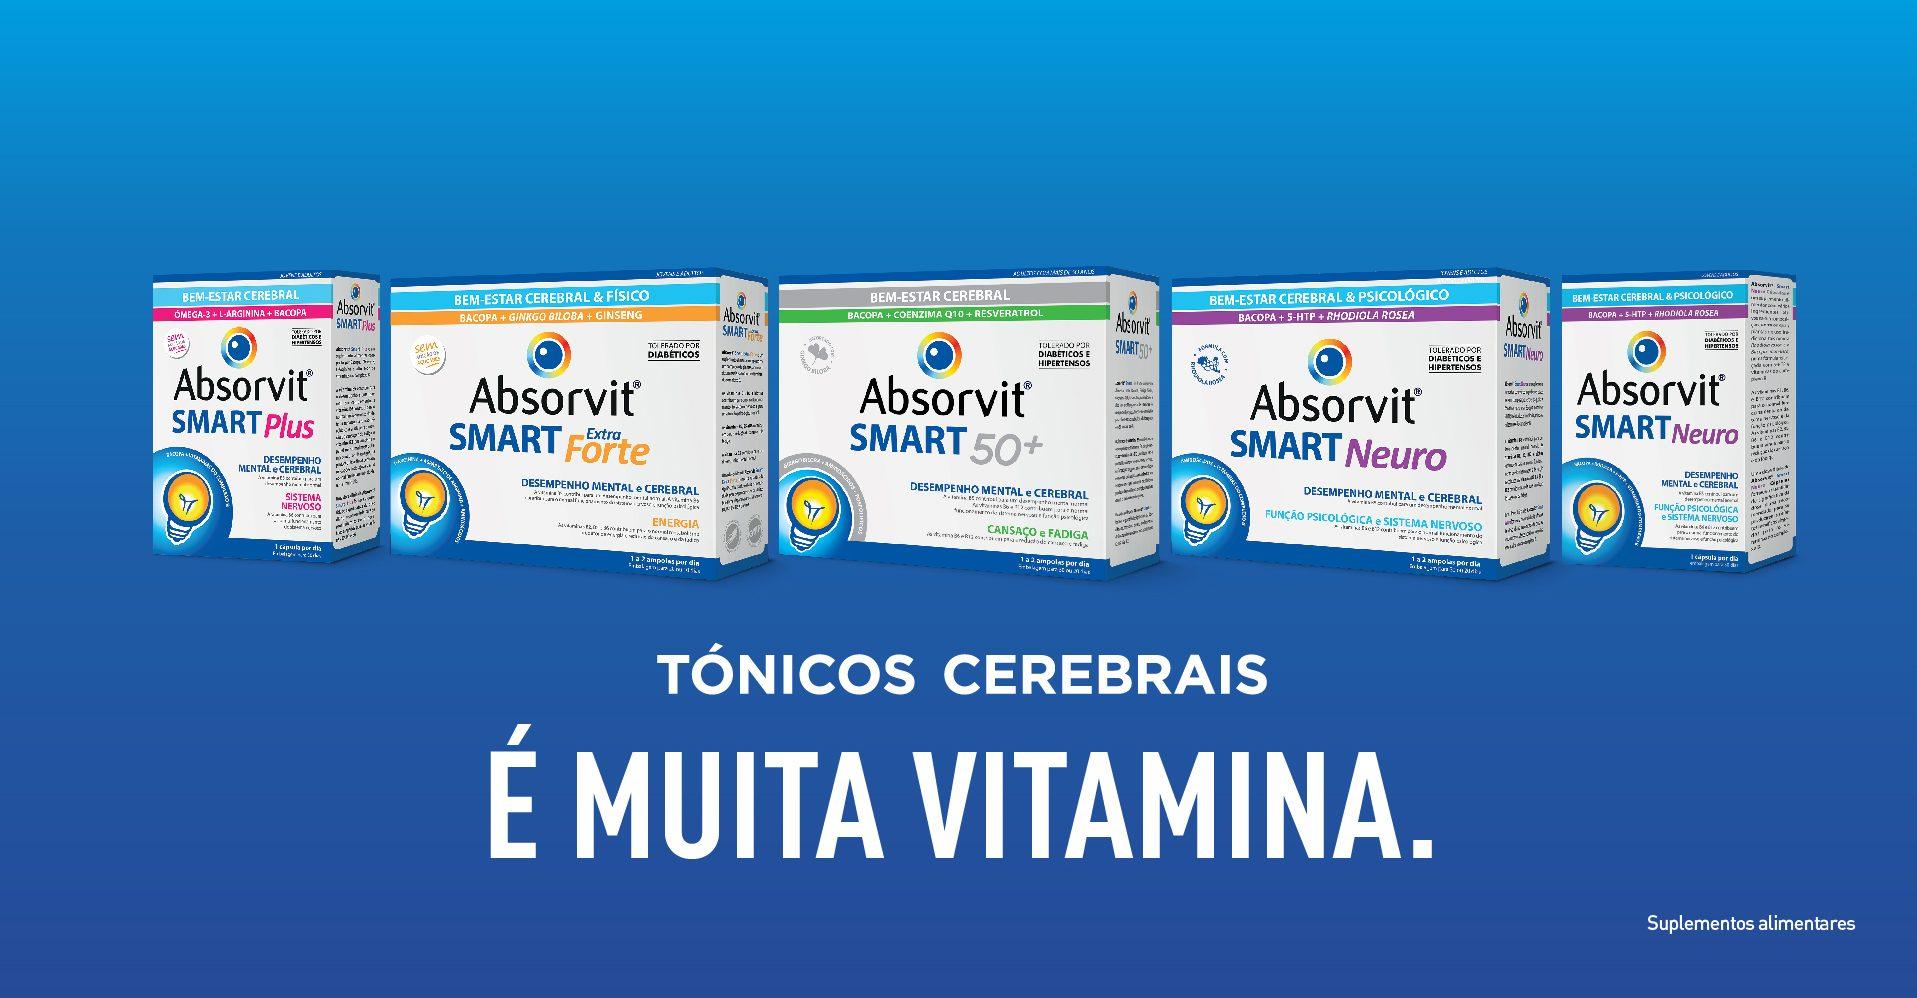 Absorvit Smart